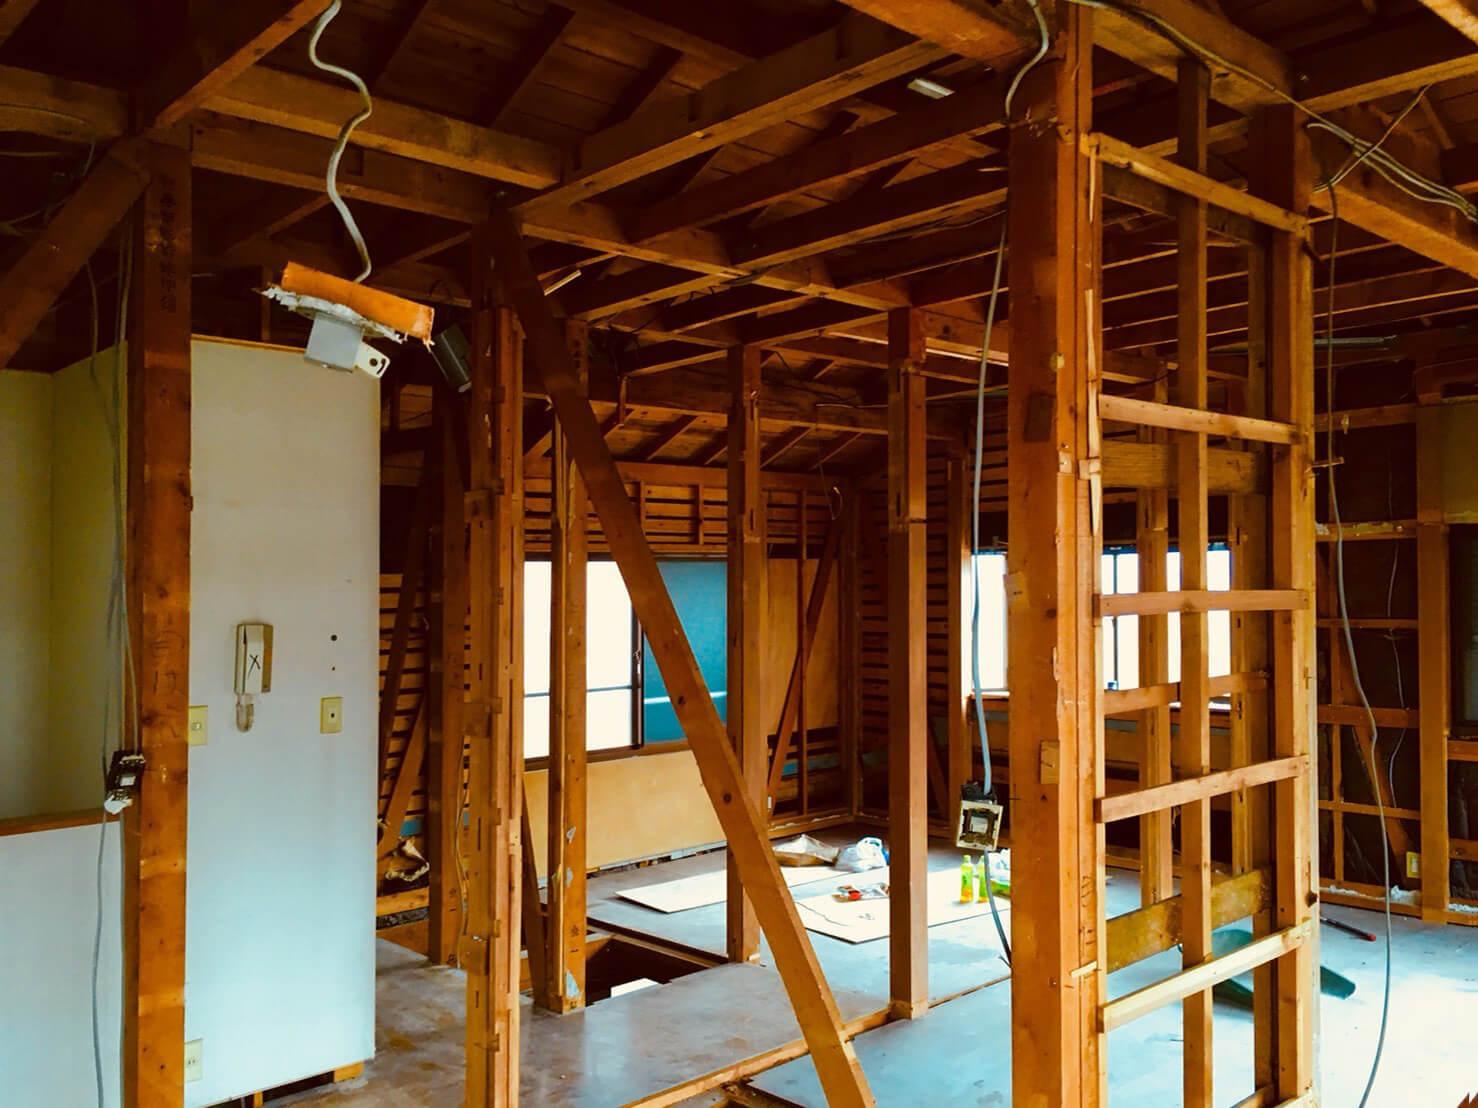 リノベーション現場レポート:マンションだけではないんです!戸建フルリノベーション計画始動!奥沢Y邸工事着工と構造のコト